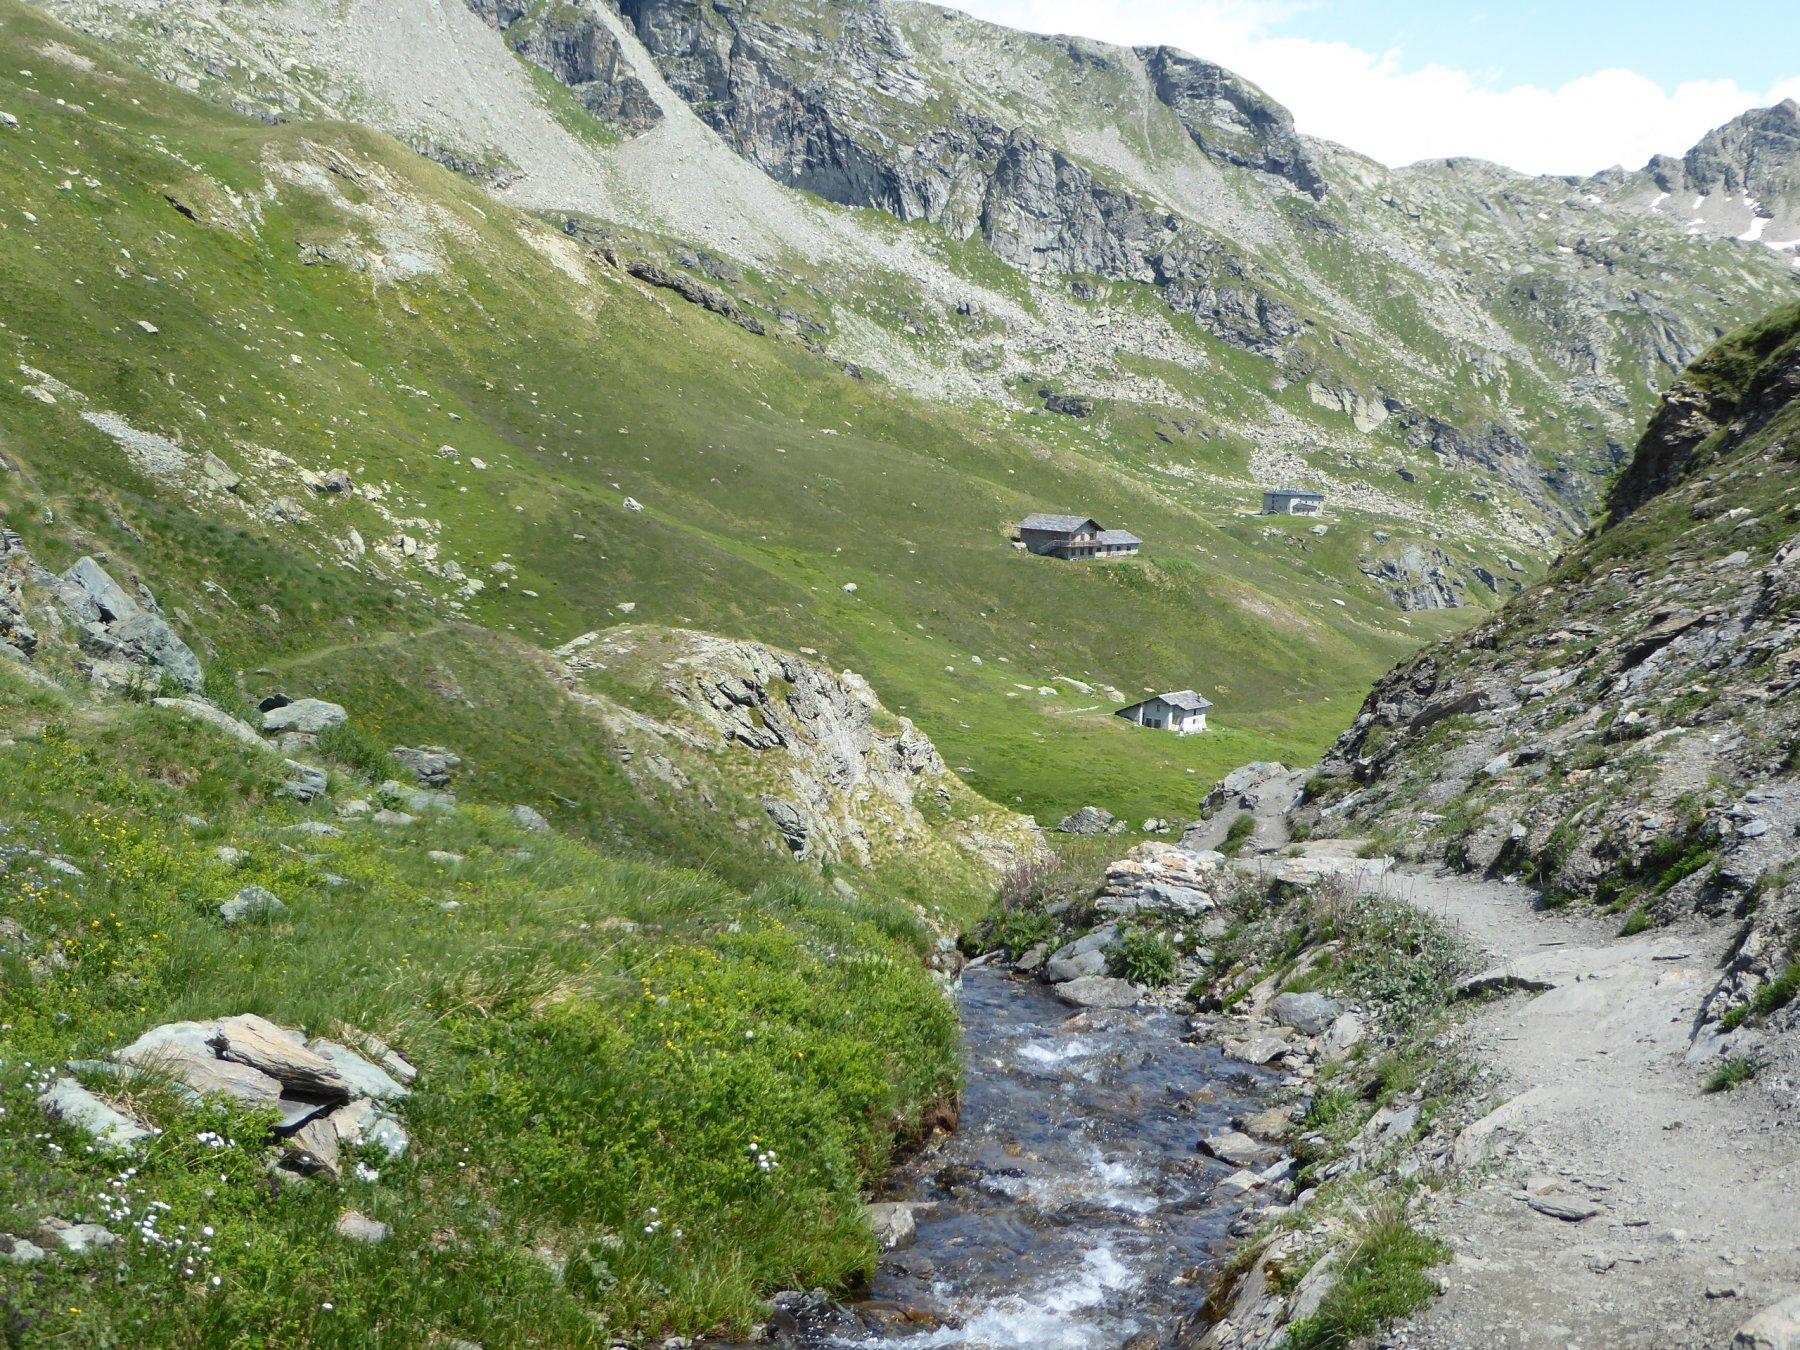 dopo il lago Battaglia, scendendo verso il rifugio Arp